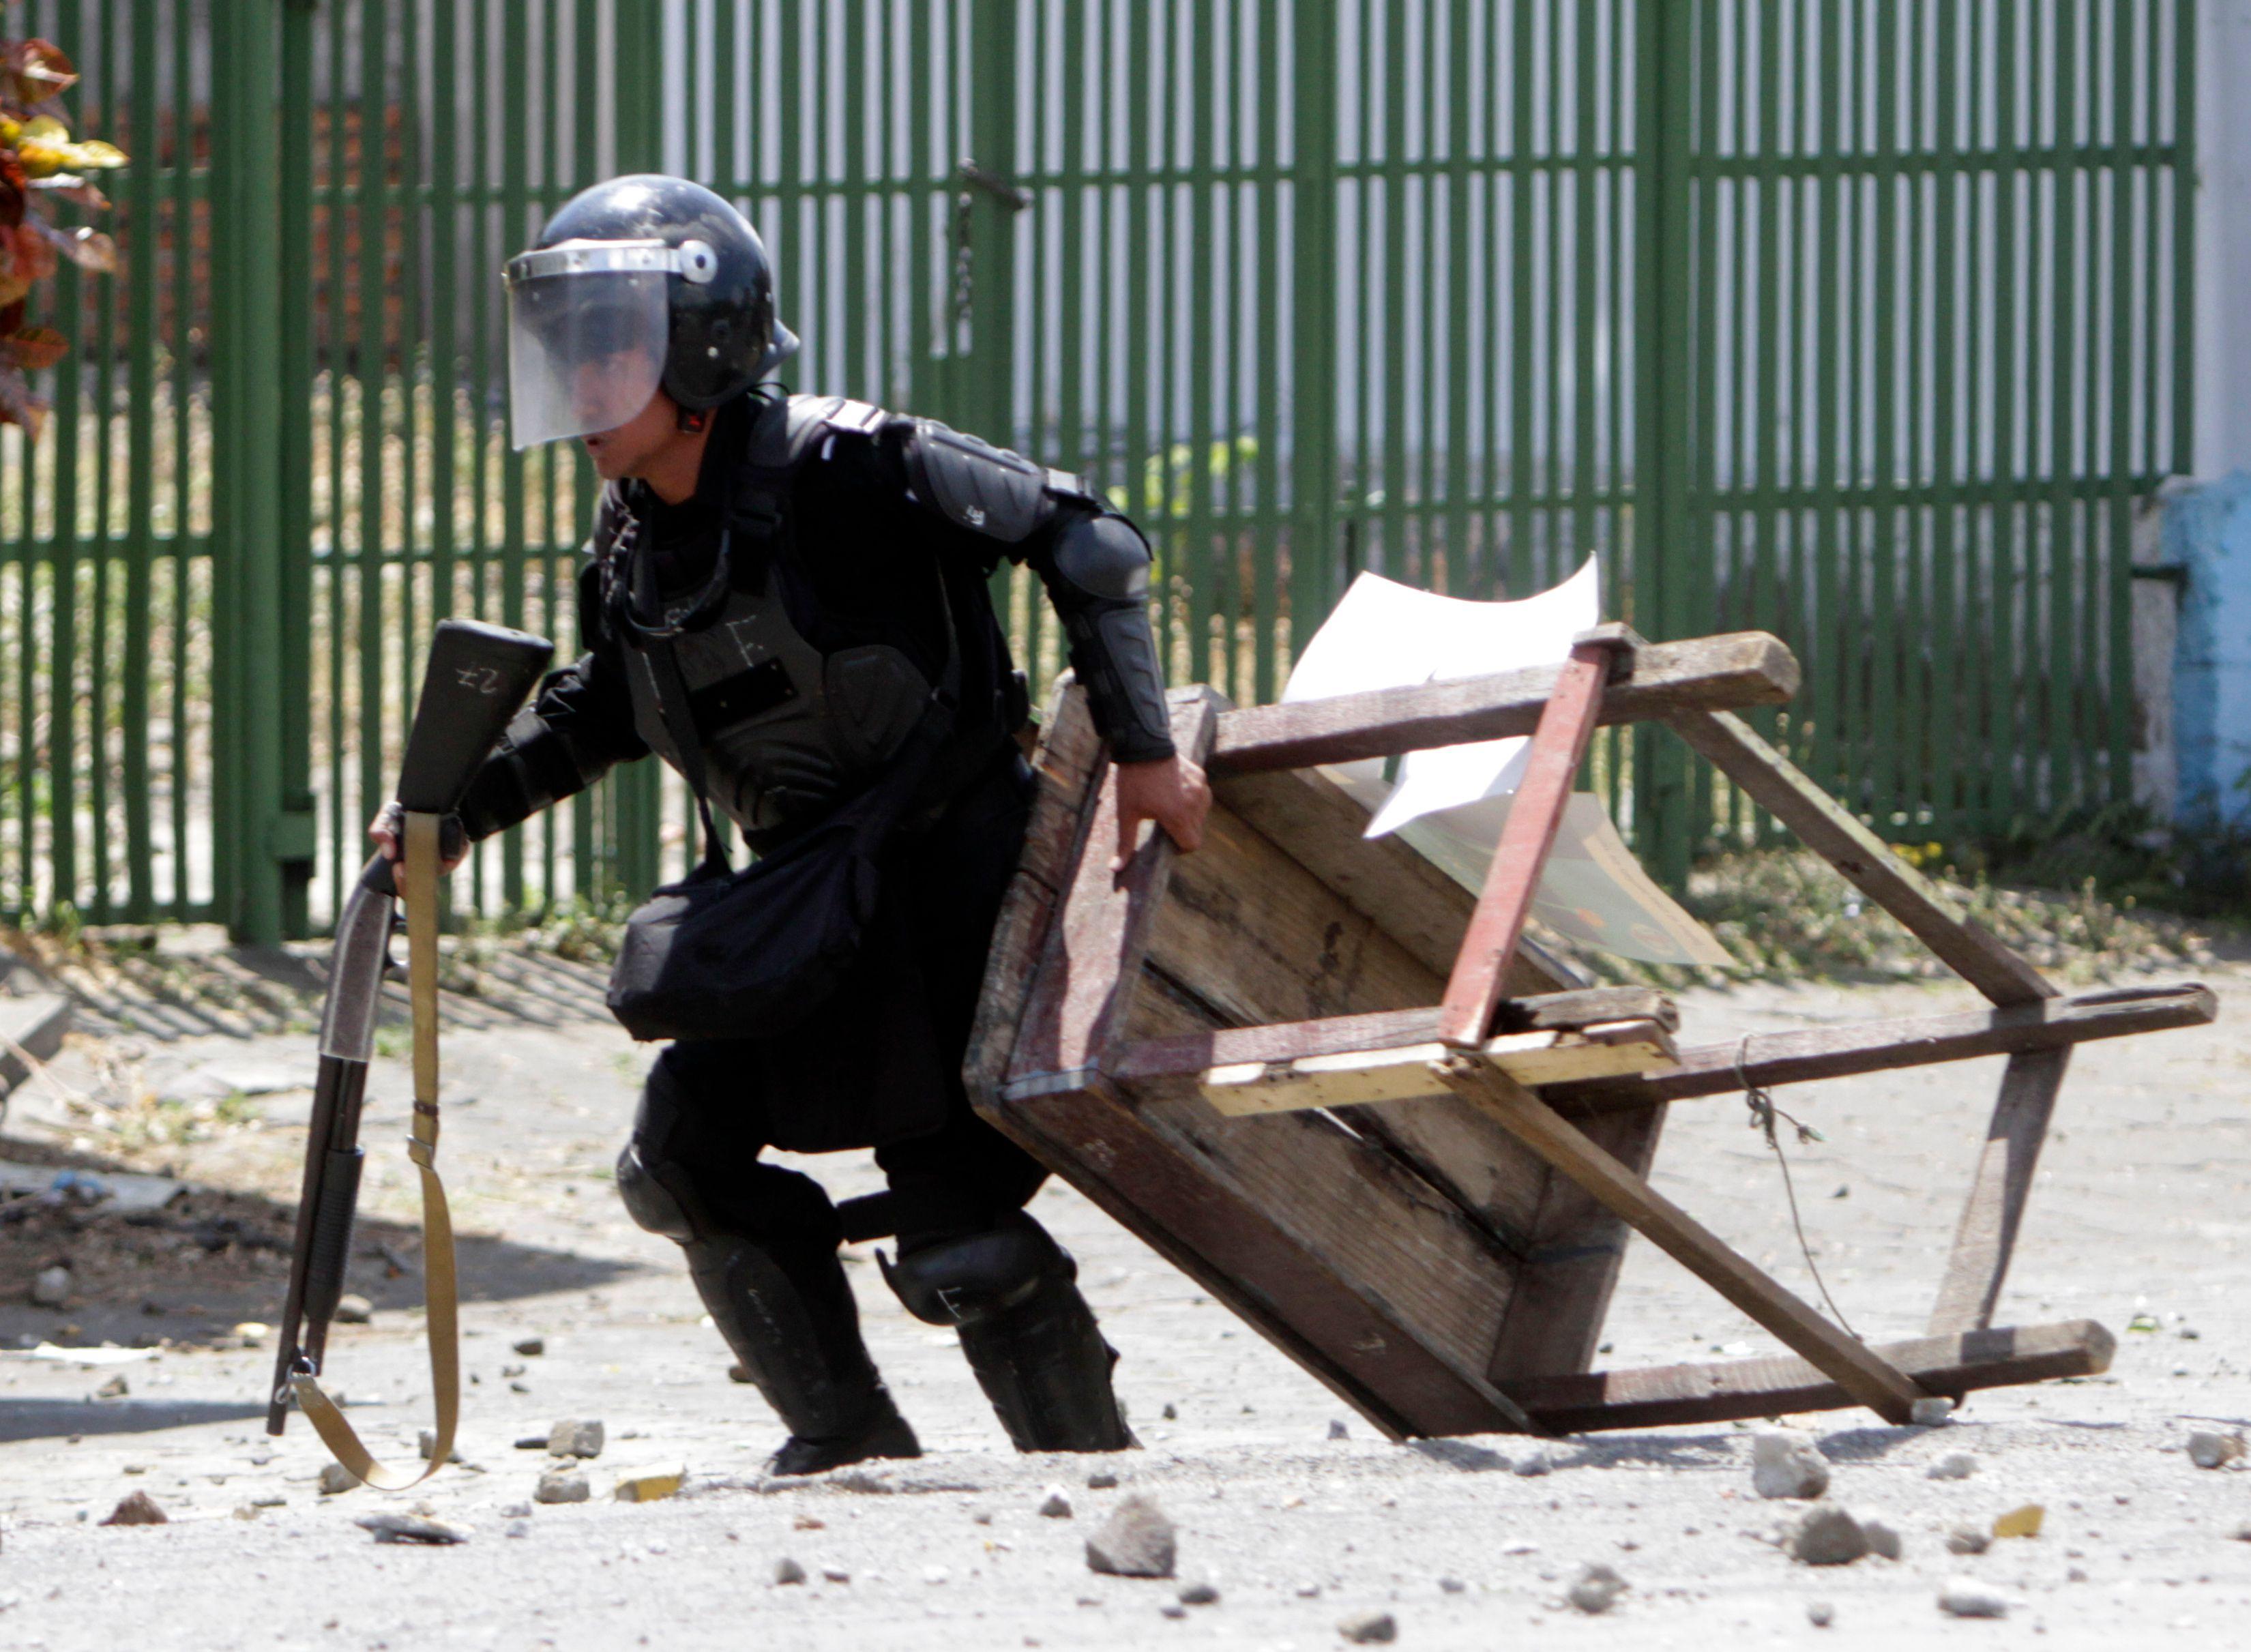 أحد عناصر الشرطة يحتمى من حجارة المتظاهرين